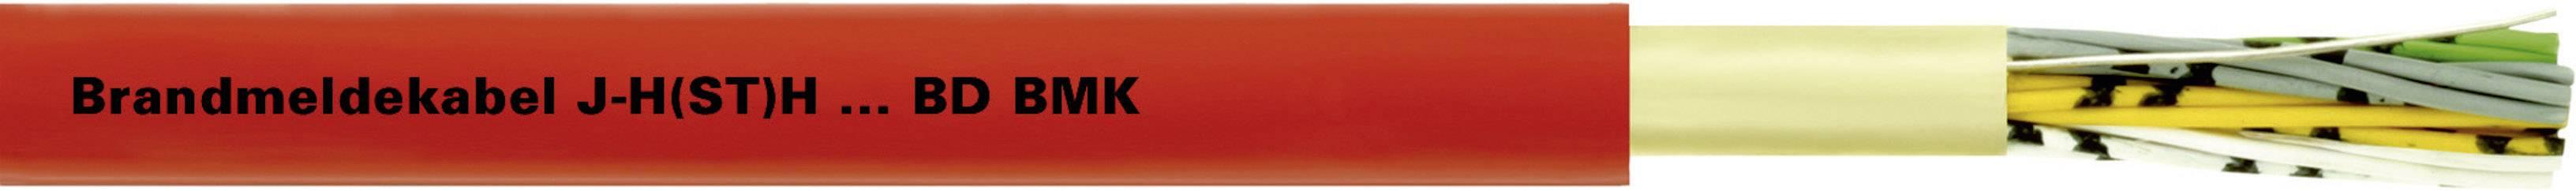 Signalizační kabel LappKabel J-H(ST)H...BD 2X2X0,8 (30017798), 9 mm, červená, 500 m